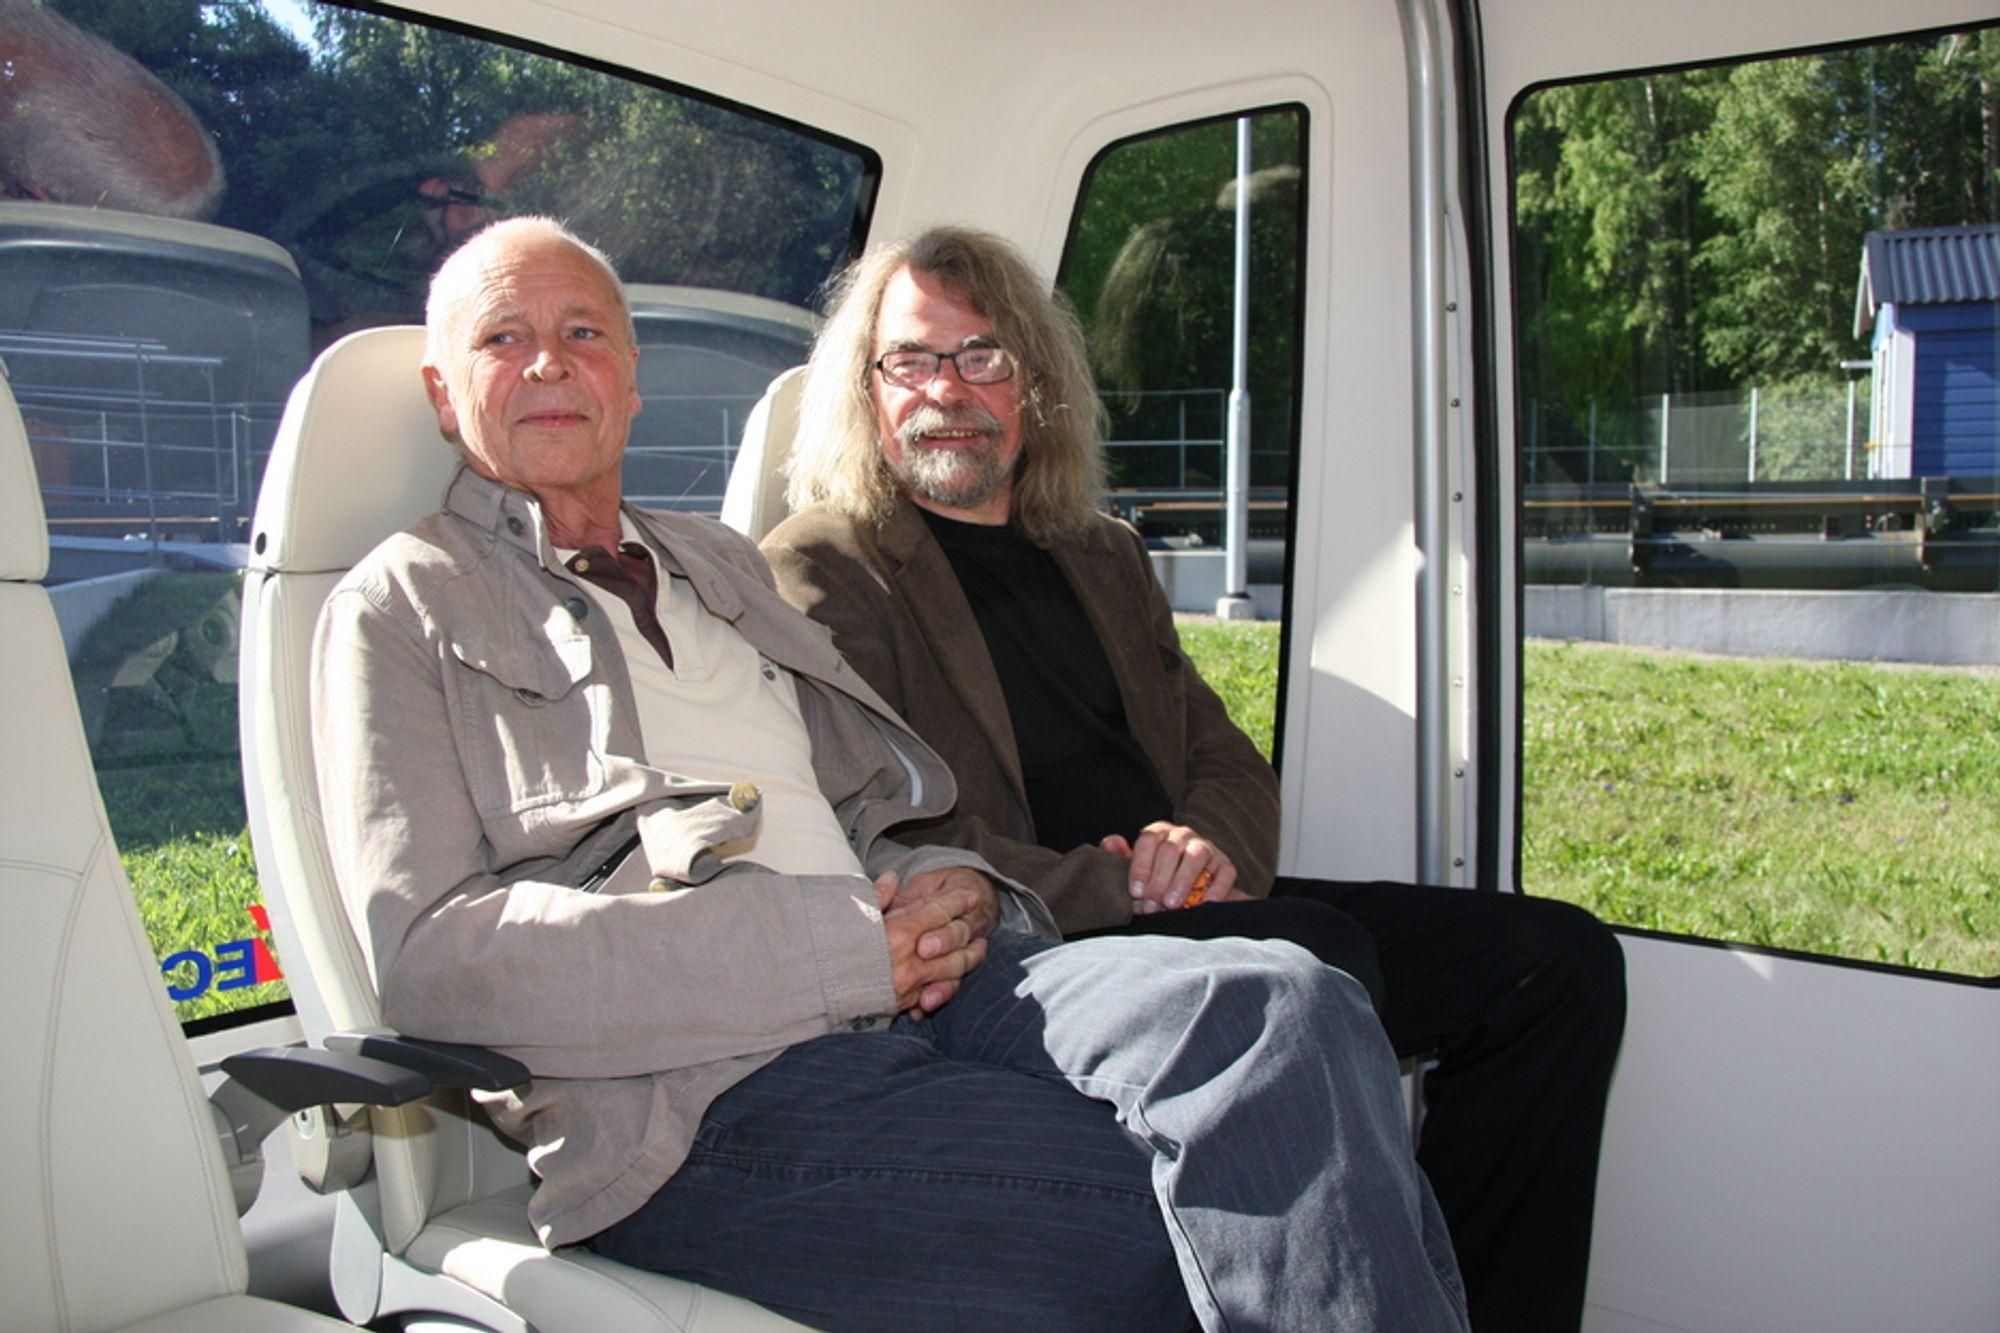 FREMTID: Trafikkplanlegger Jan Orsteen fra Multiconsult (til venstre) og forsker og universitetslektor Einar Flydal ser begge store muligheter for å tenke nytt i kollektivtrafikken. Her i en PRT-vogn på testbanen i Uppsala i Sverige.